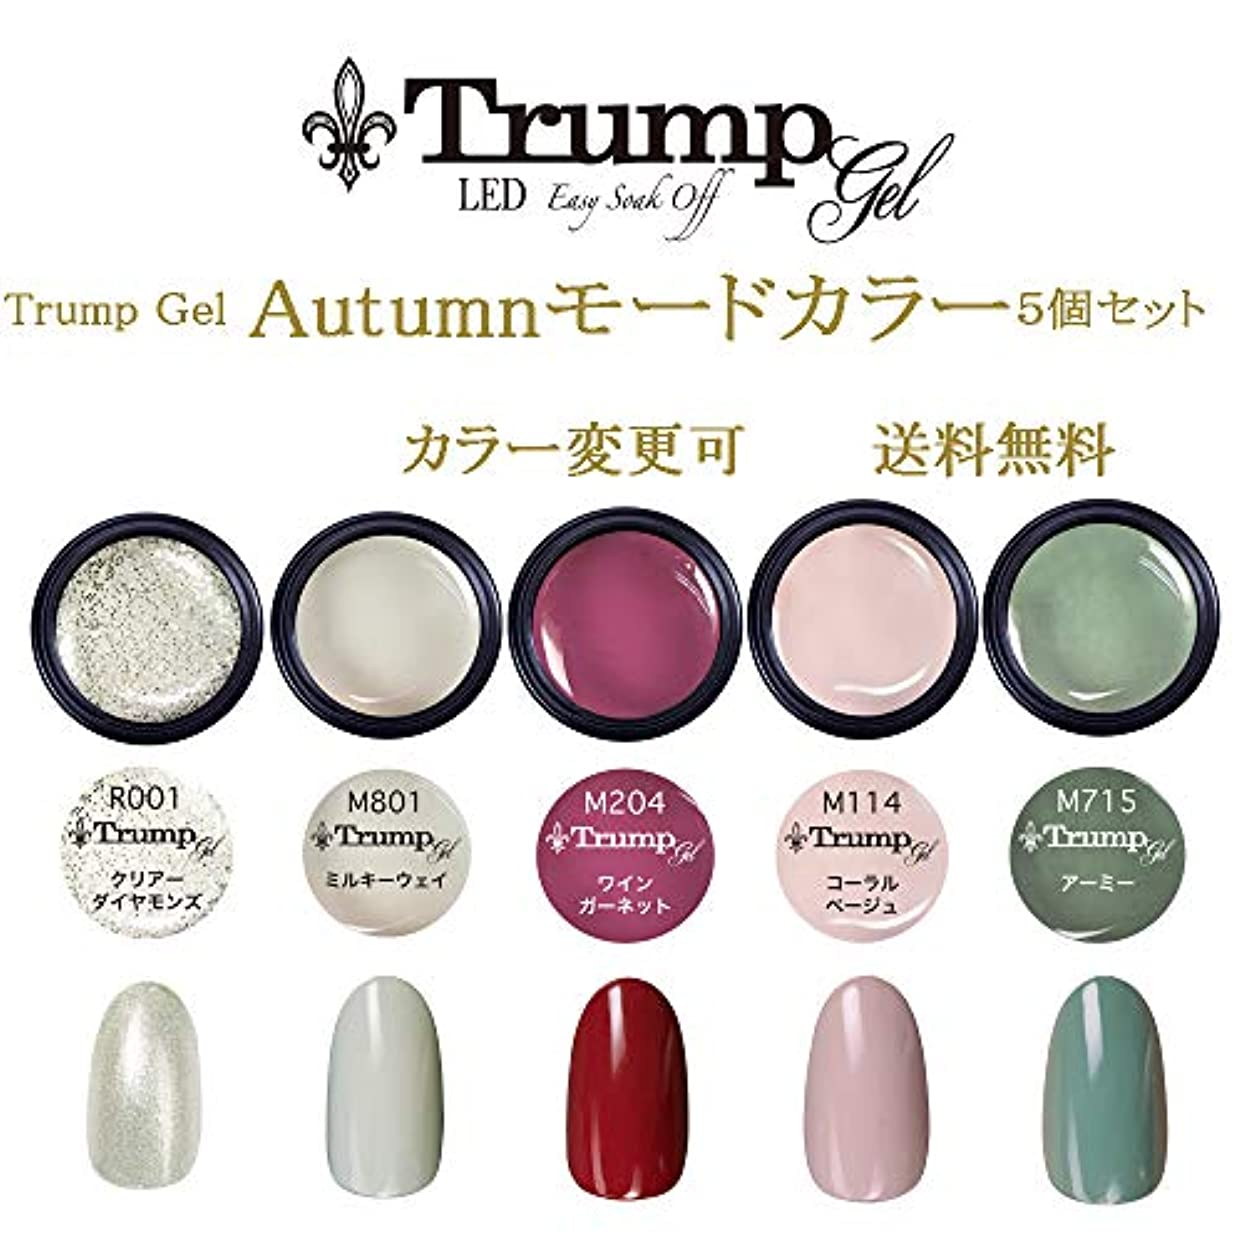 脳塩導体【送料無料】日本製 Trump gel トランプジェル オータムモード カラー 選べる カラージェル 5個セット 秋ネイル ベージュ ボルドー カーキ ラメ カラー